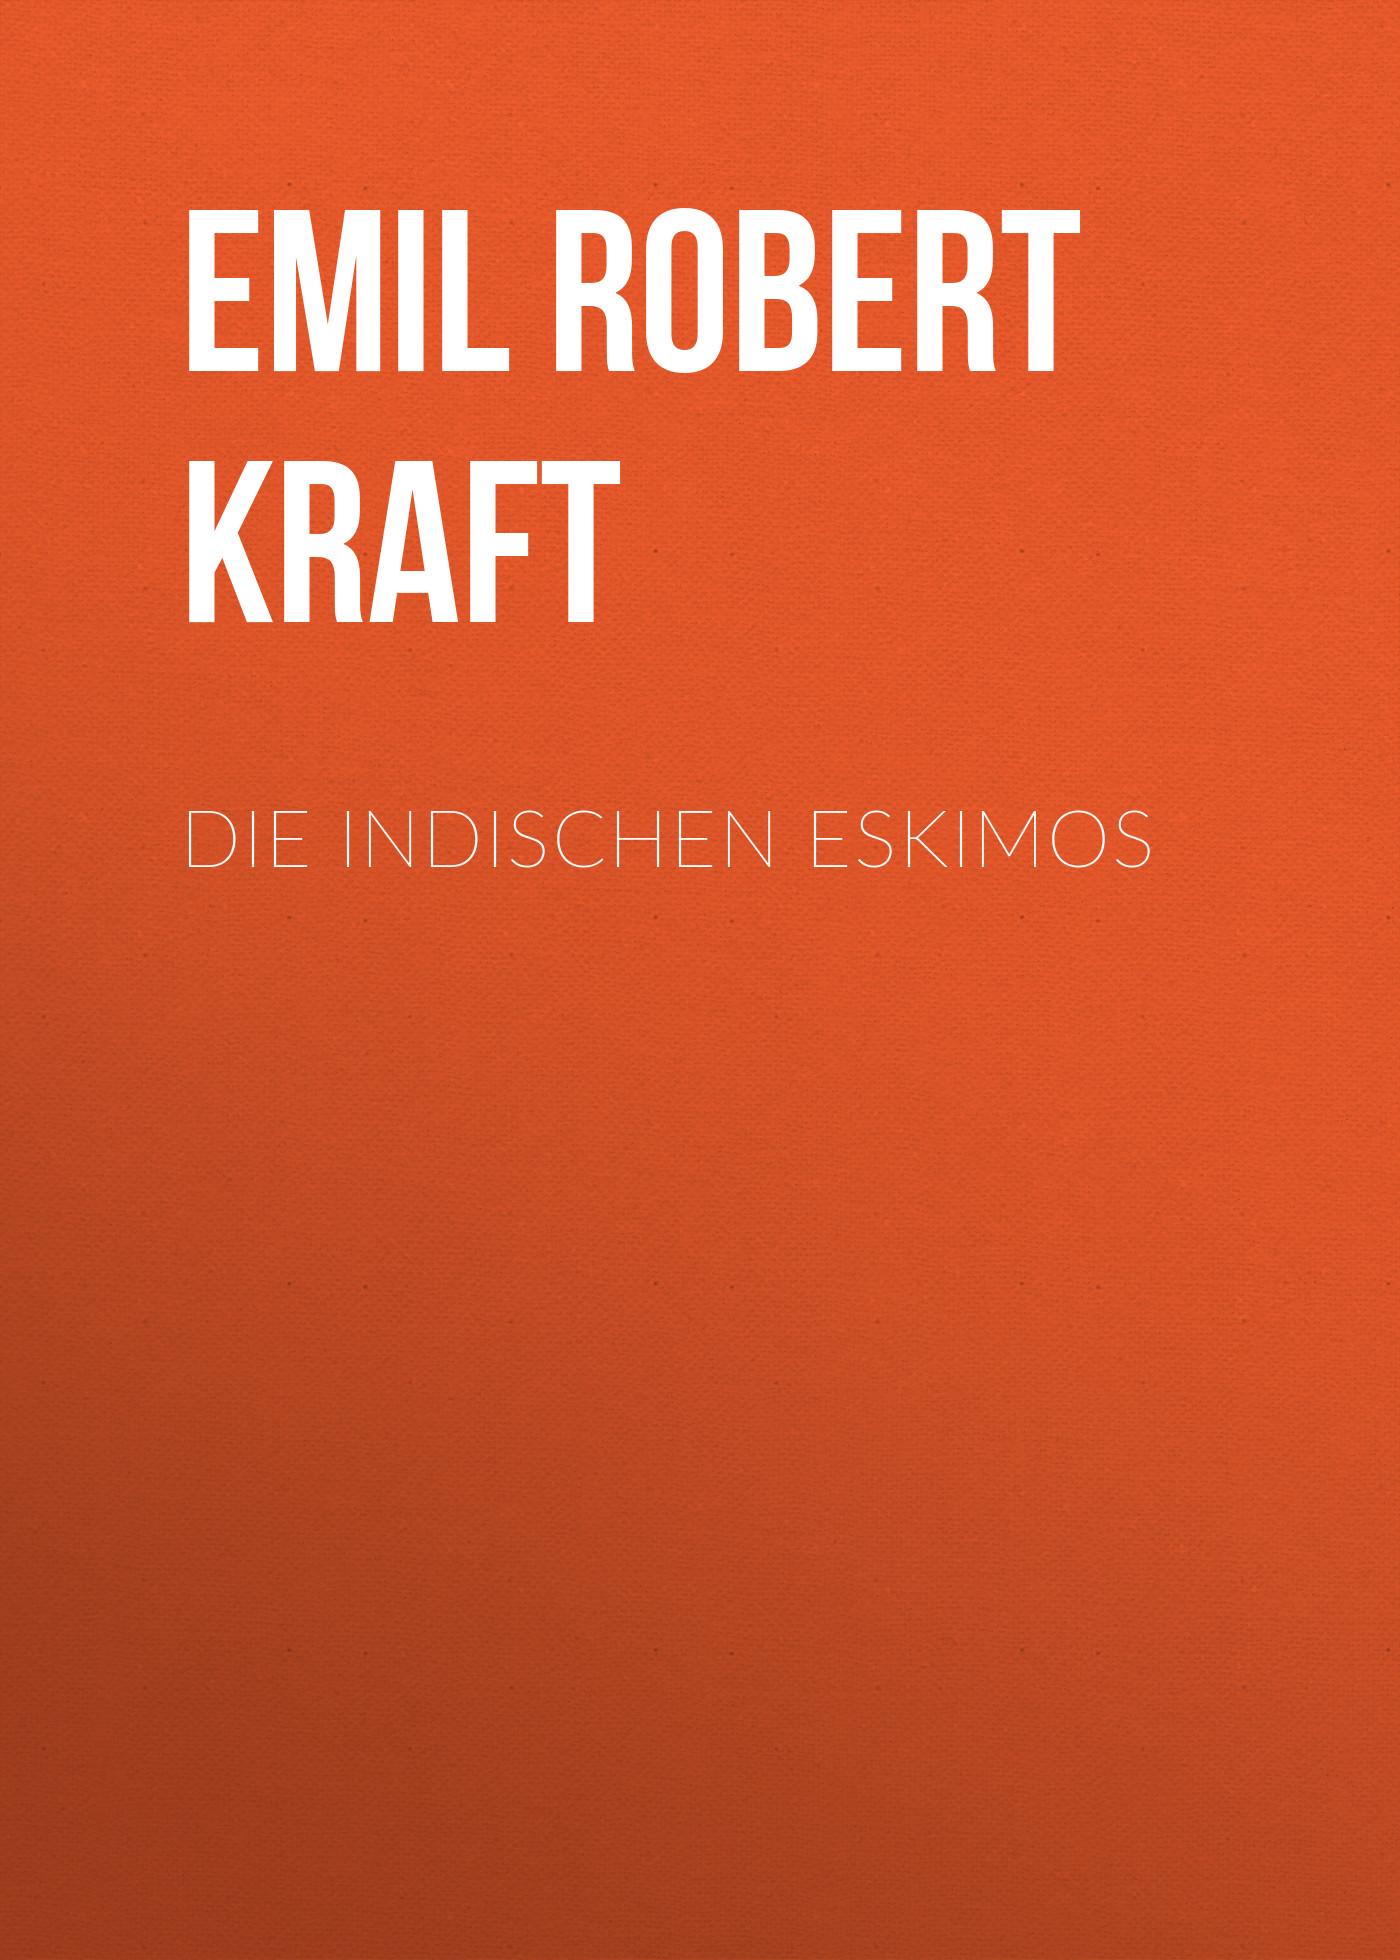 Emil Robert Kraft Die indischen Eskimos